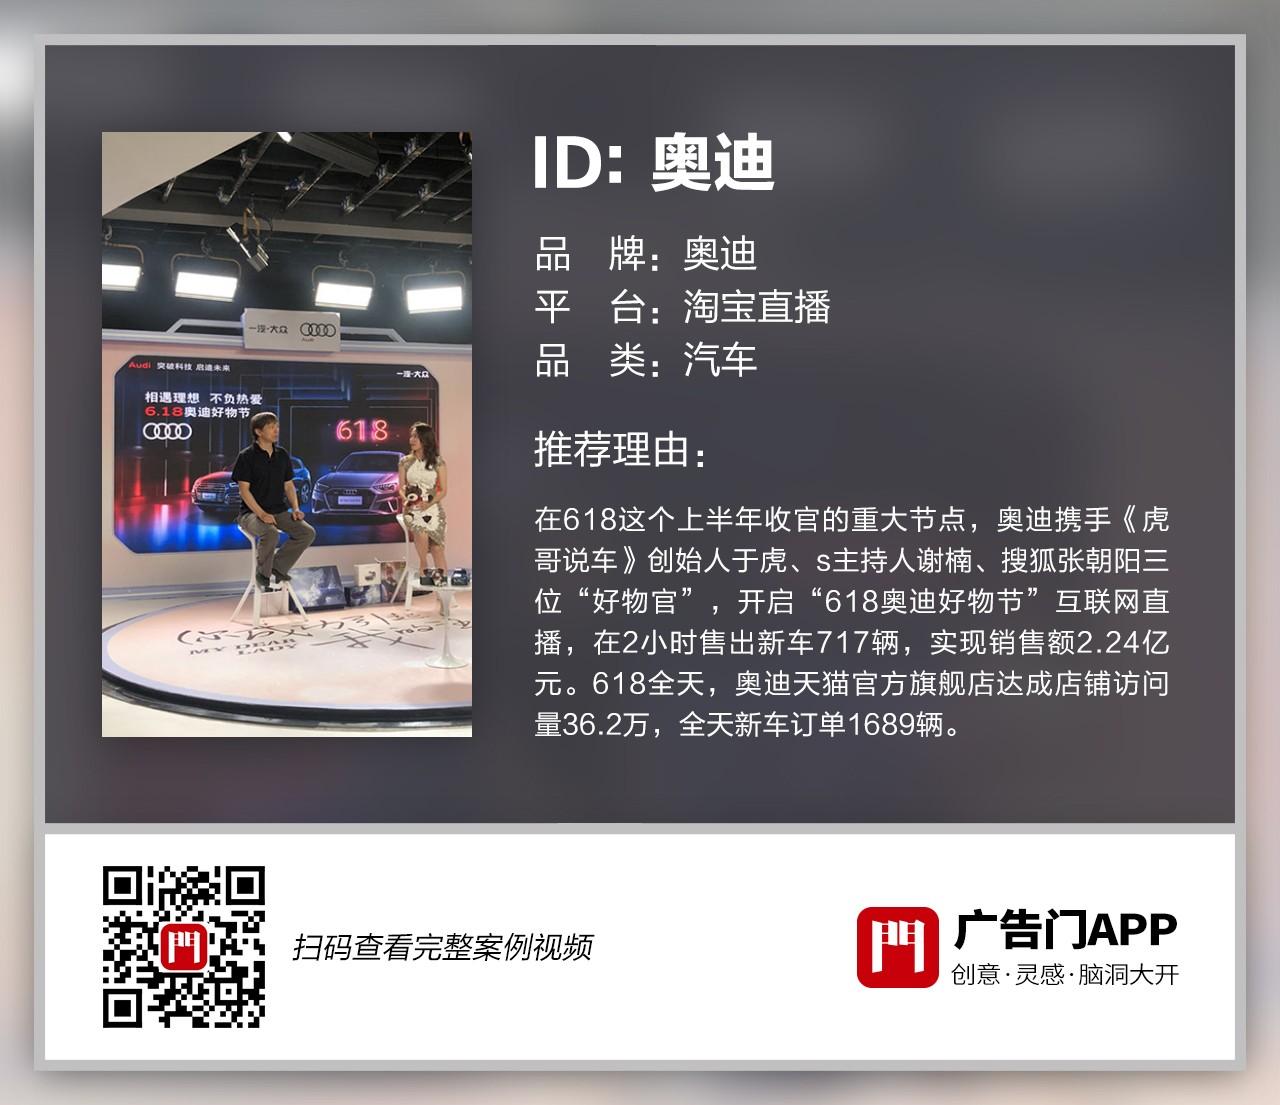 """汽车直播的""""高光时刻"""":奥迪2小时大卖2.24亿元.jpg"""